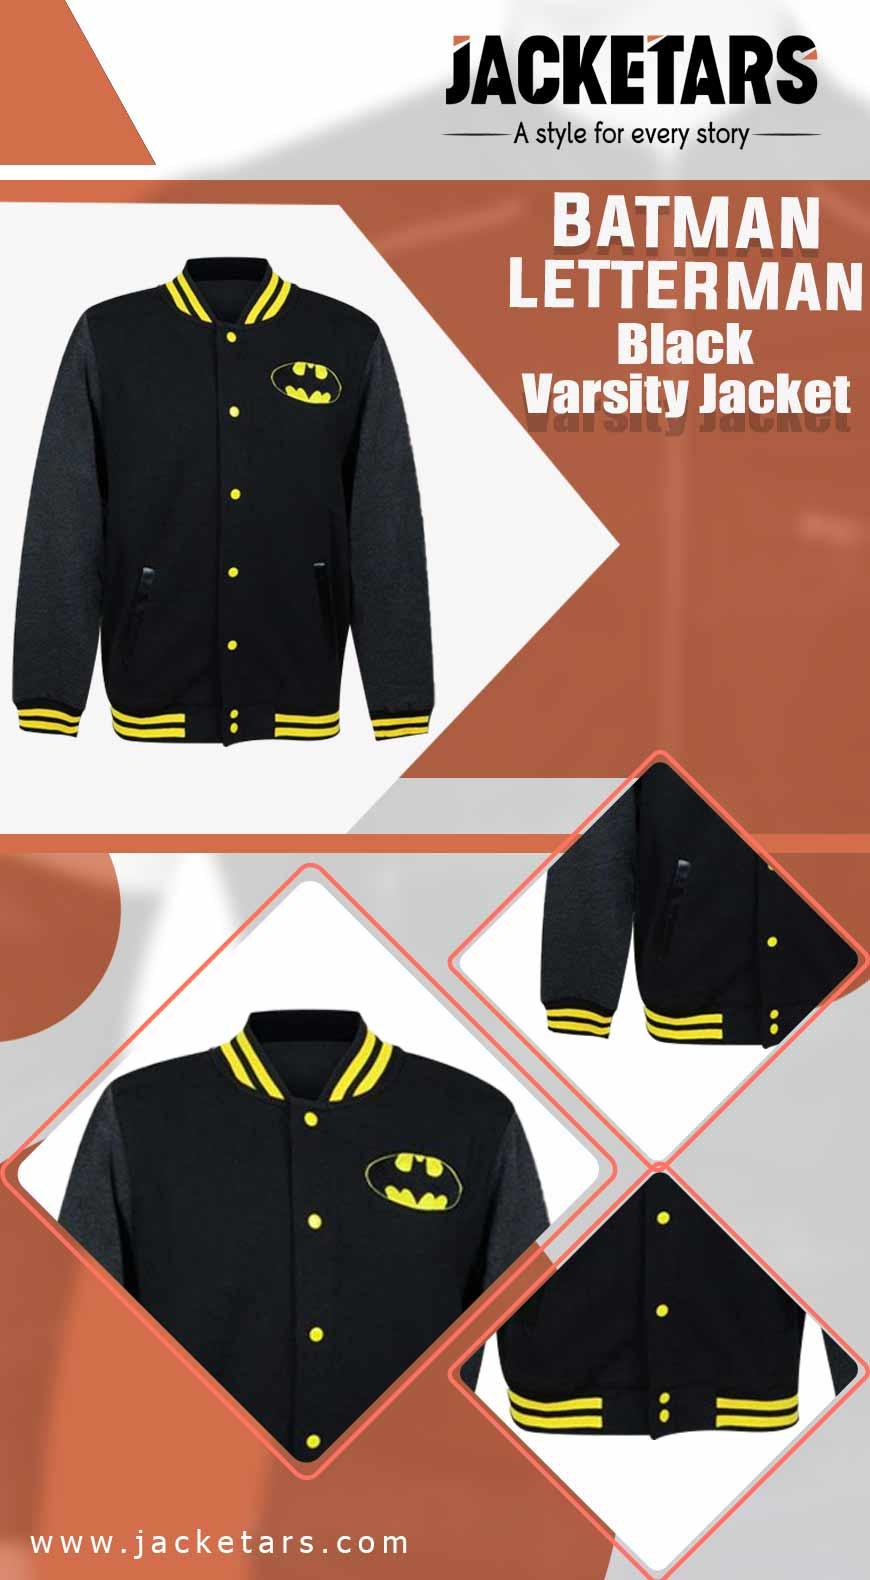 Batman Lettermen Black Varsity Jacket INFO